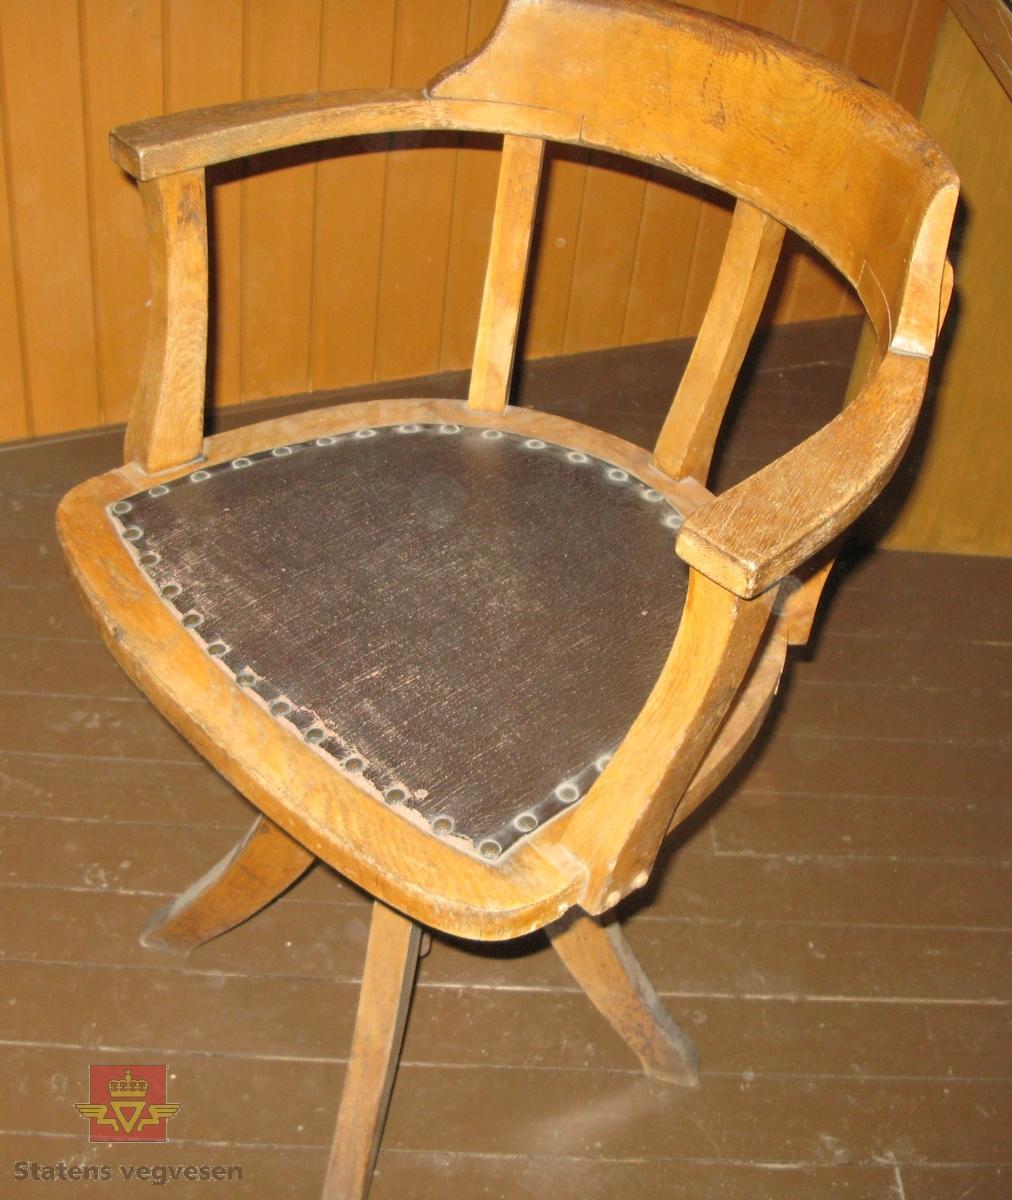 Roterbar stol med rygg og armlener i ett. Av tre og metall. Lakkert.